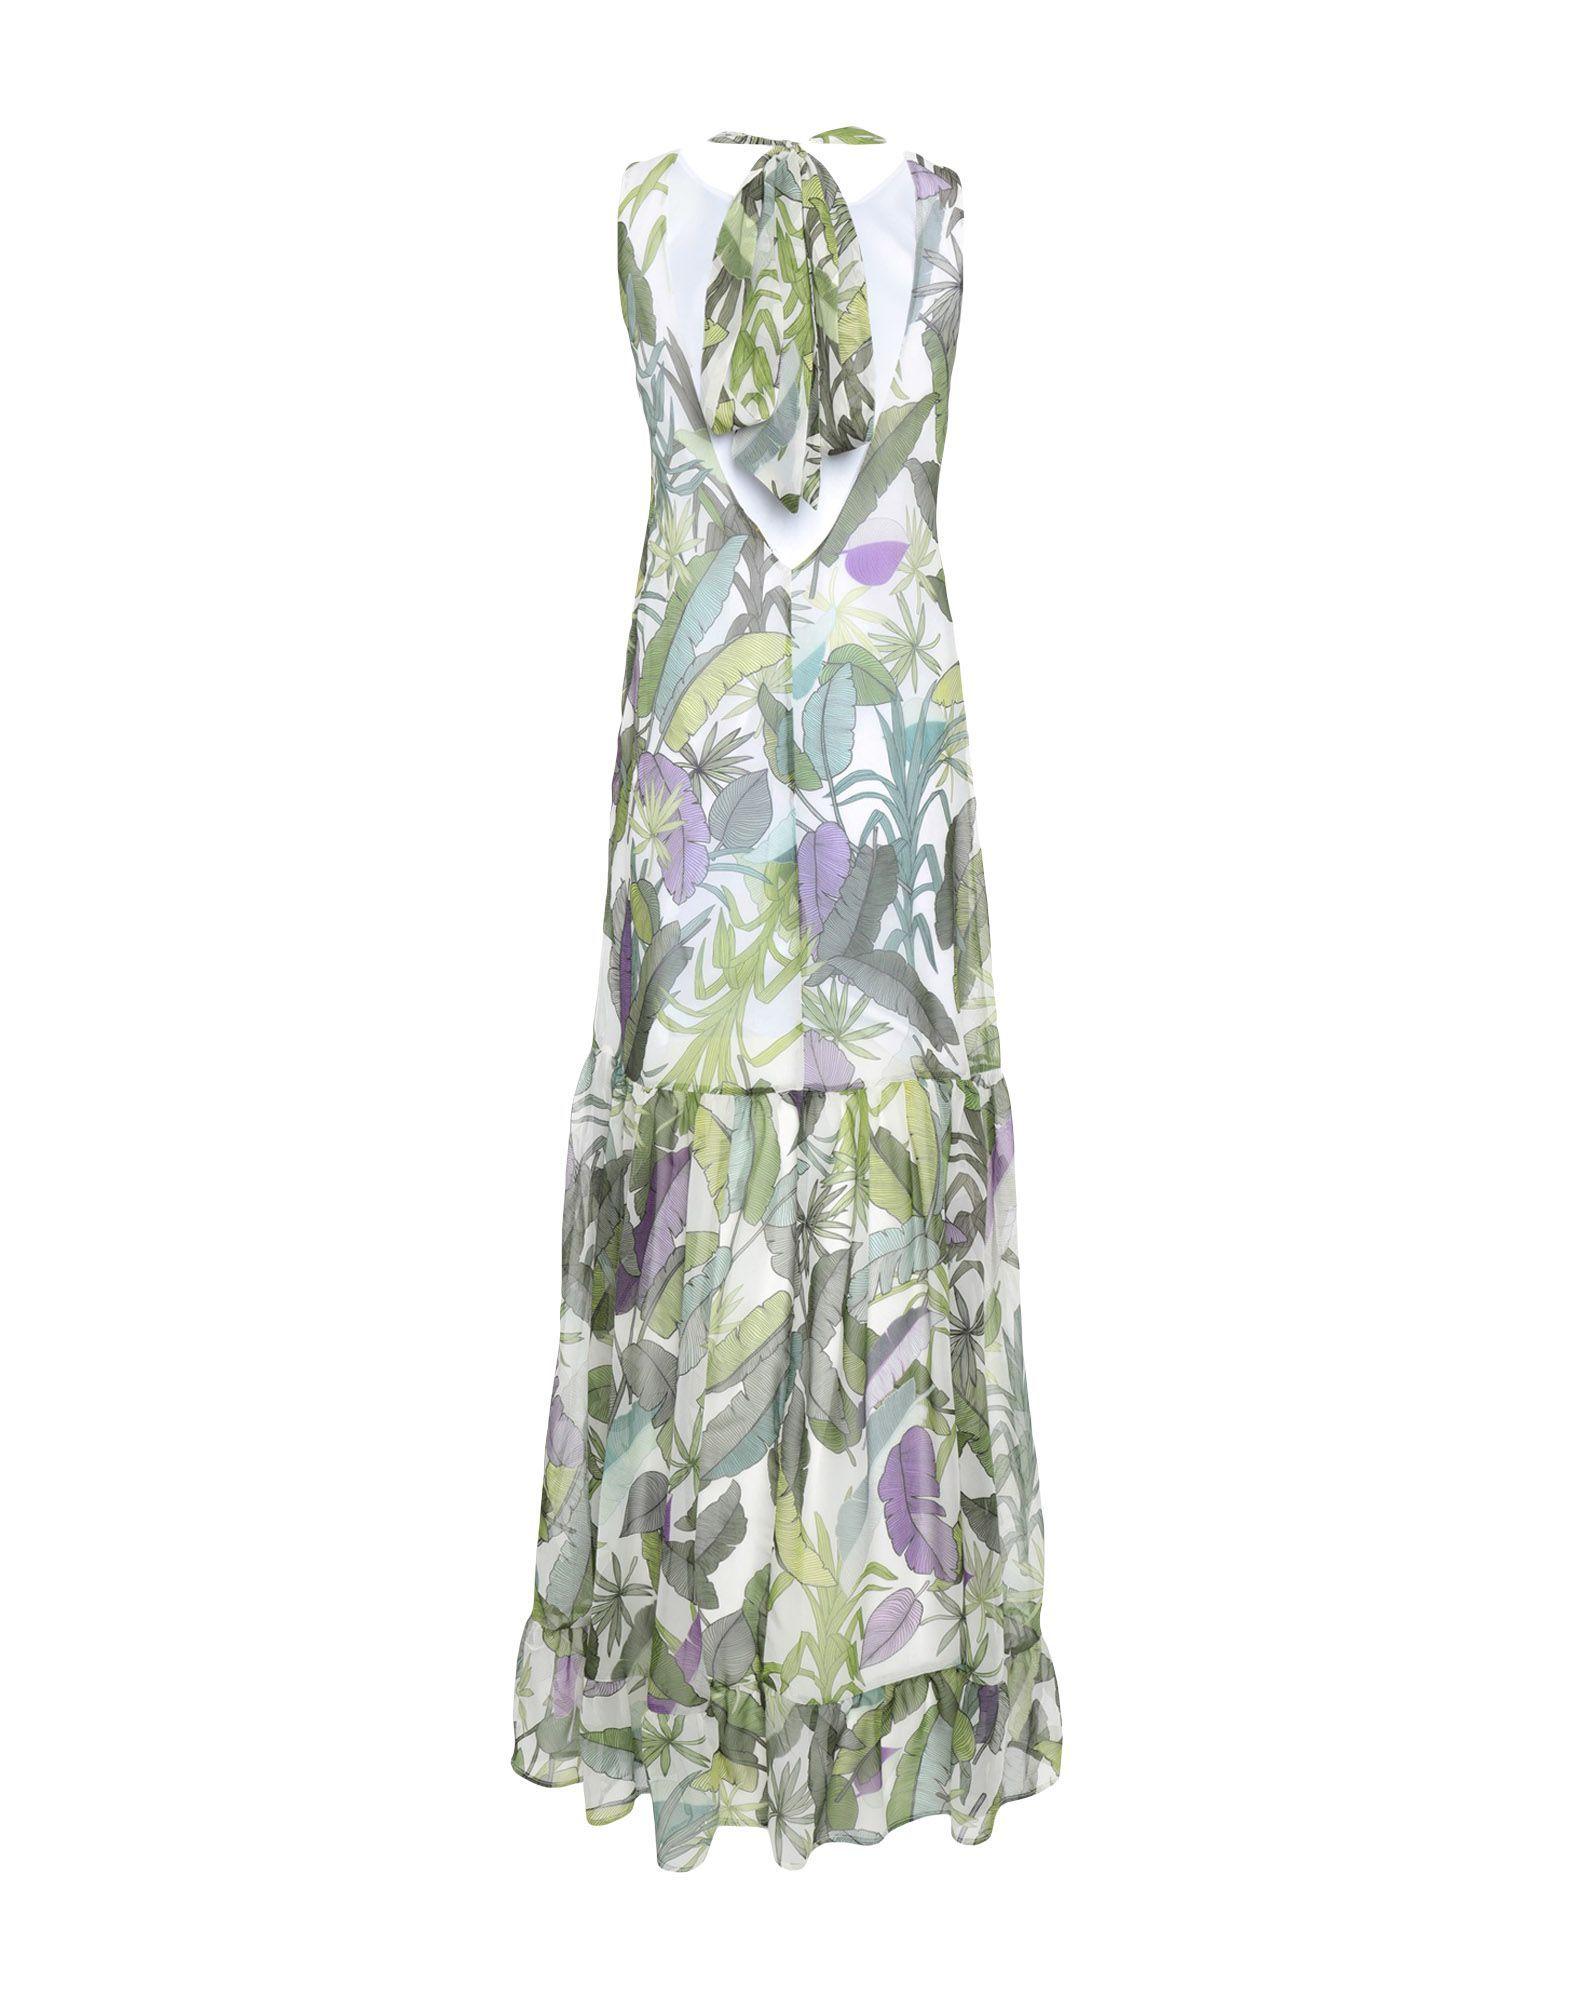 Liu Jo Green Print Full Length Dress